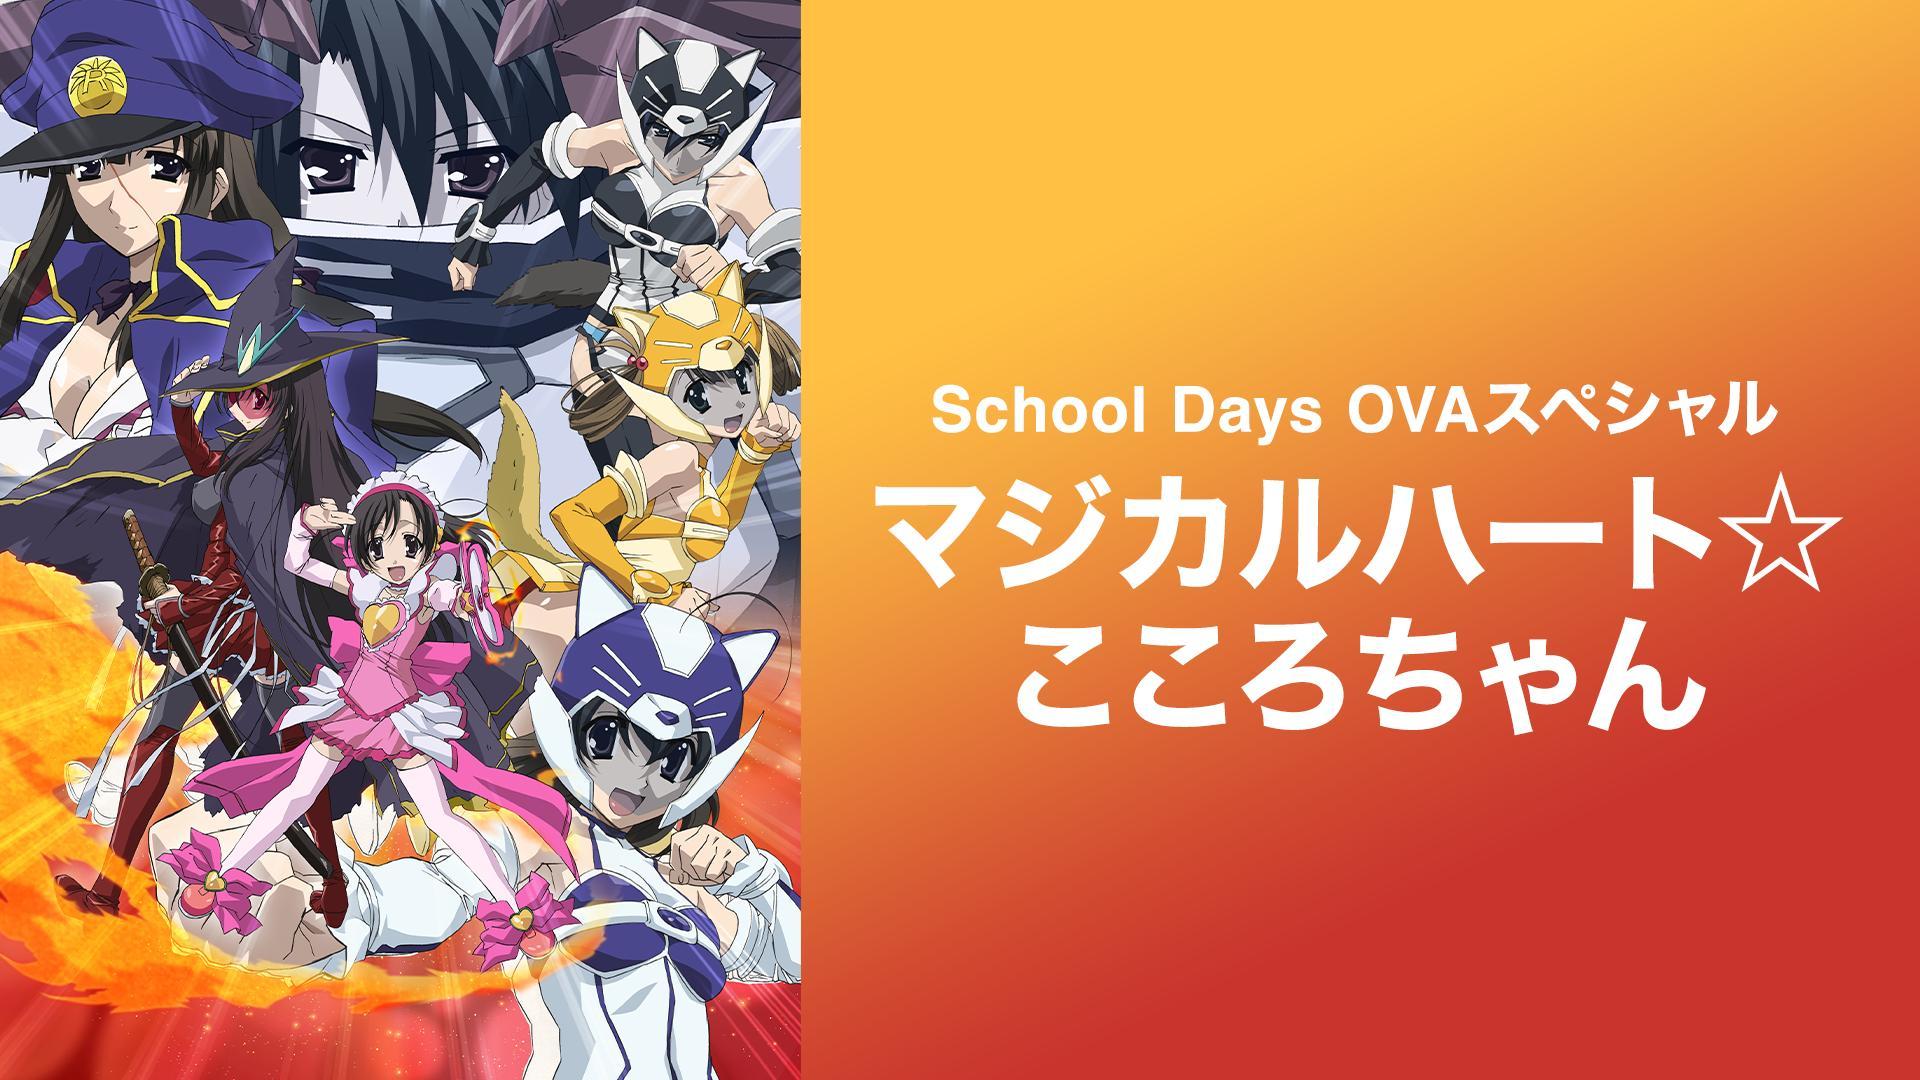 School Days OVAスペシャル ~マジカルハート☆こころちゃん~